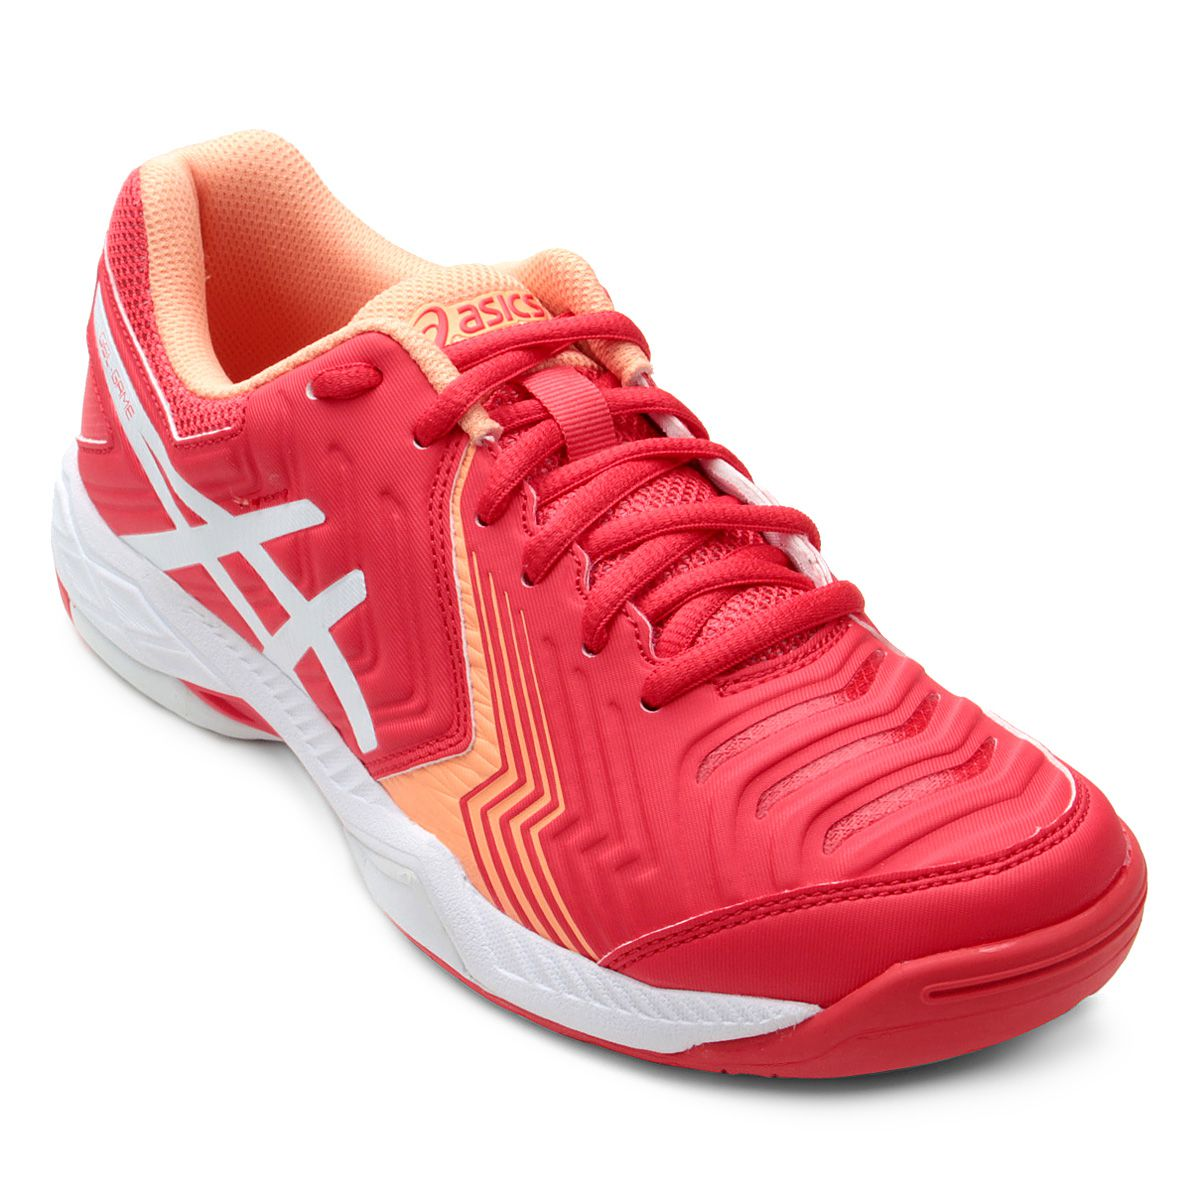 Tênis Asics Gel Game 6 Feminino - Vermelho e Branco